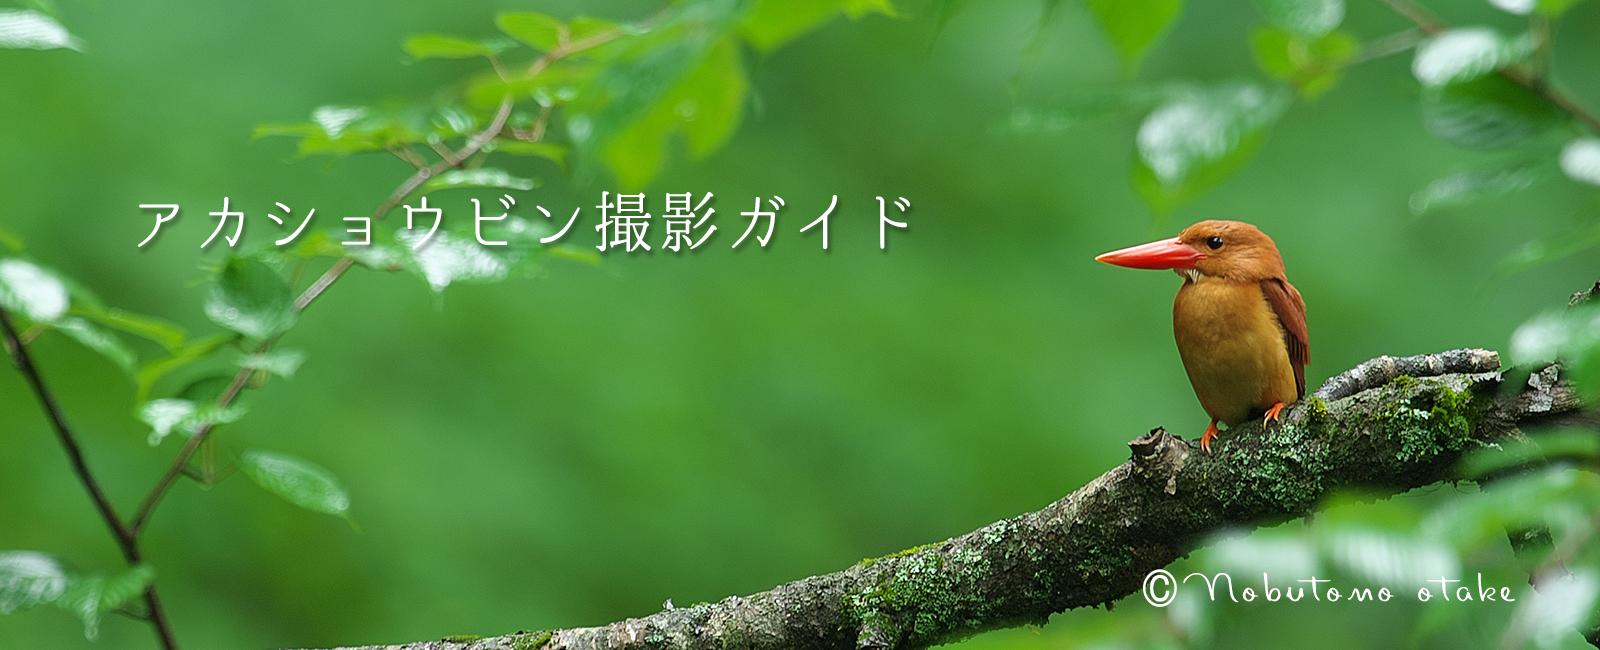 會津の写真館・オオタケカメラ